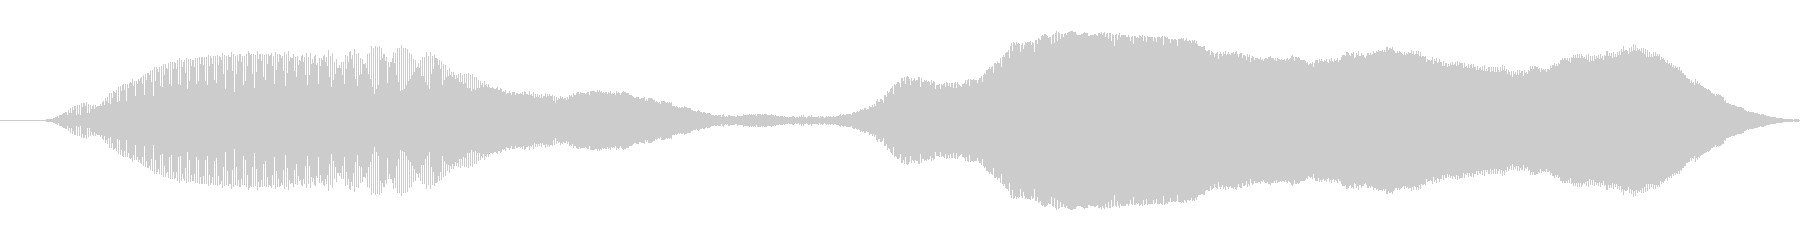 ゆっくりと漫画スライドwhiの未再生の波形